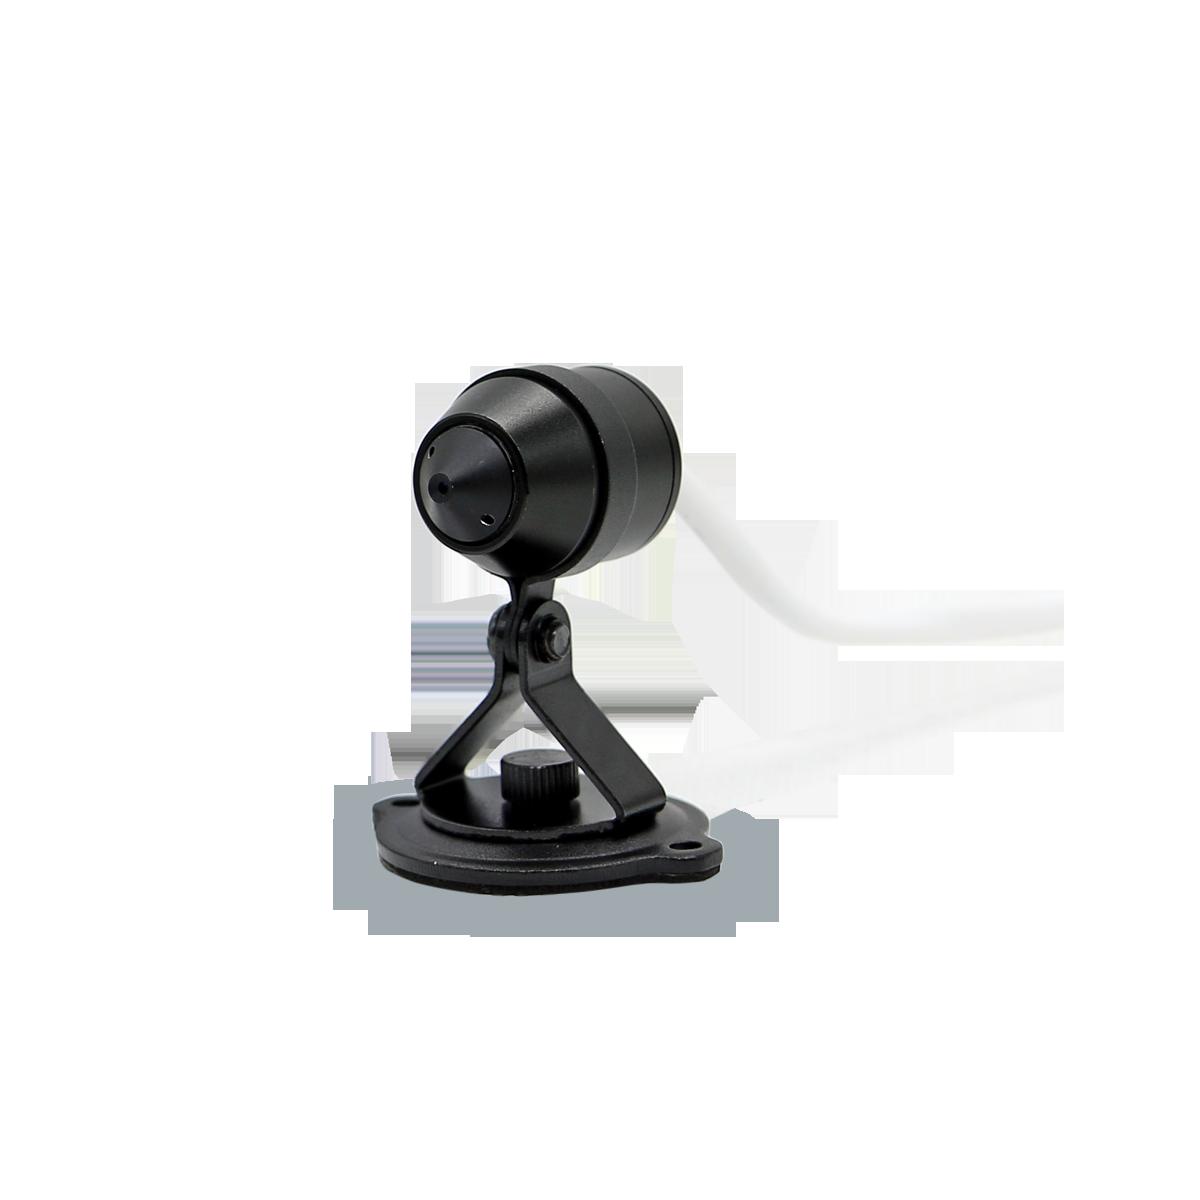 Titathink wireless outdoor hidden ip cam